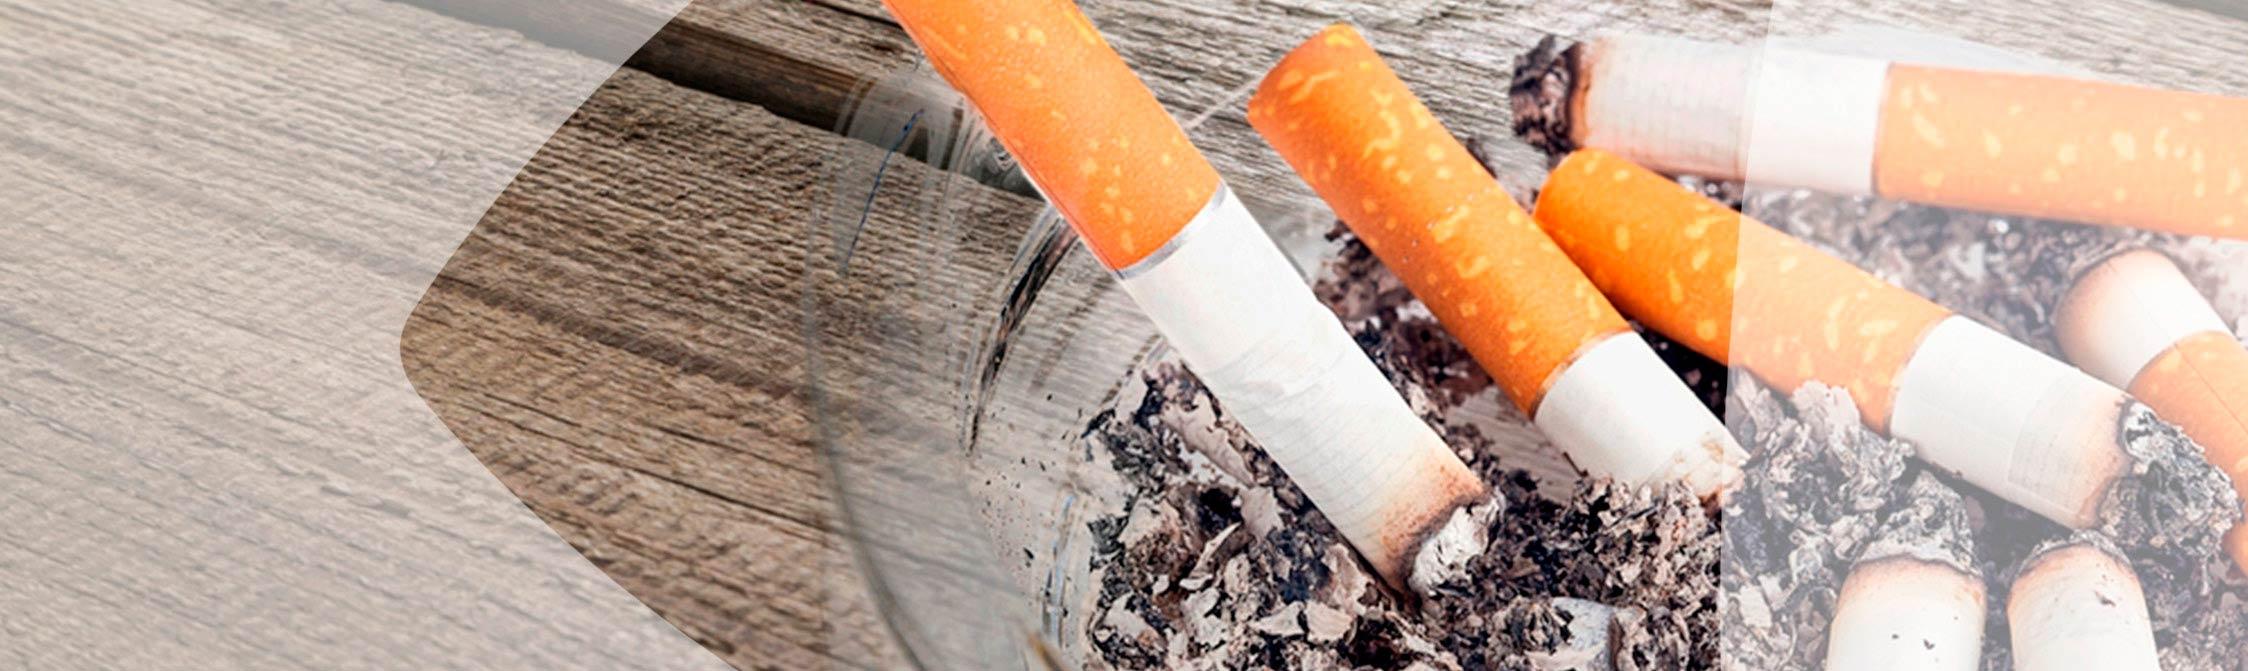 Τι είναι το κάπνισμα;